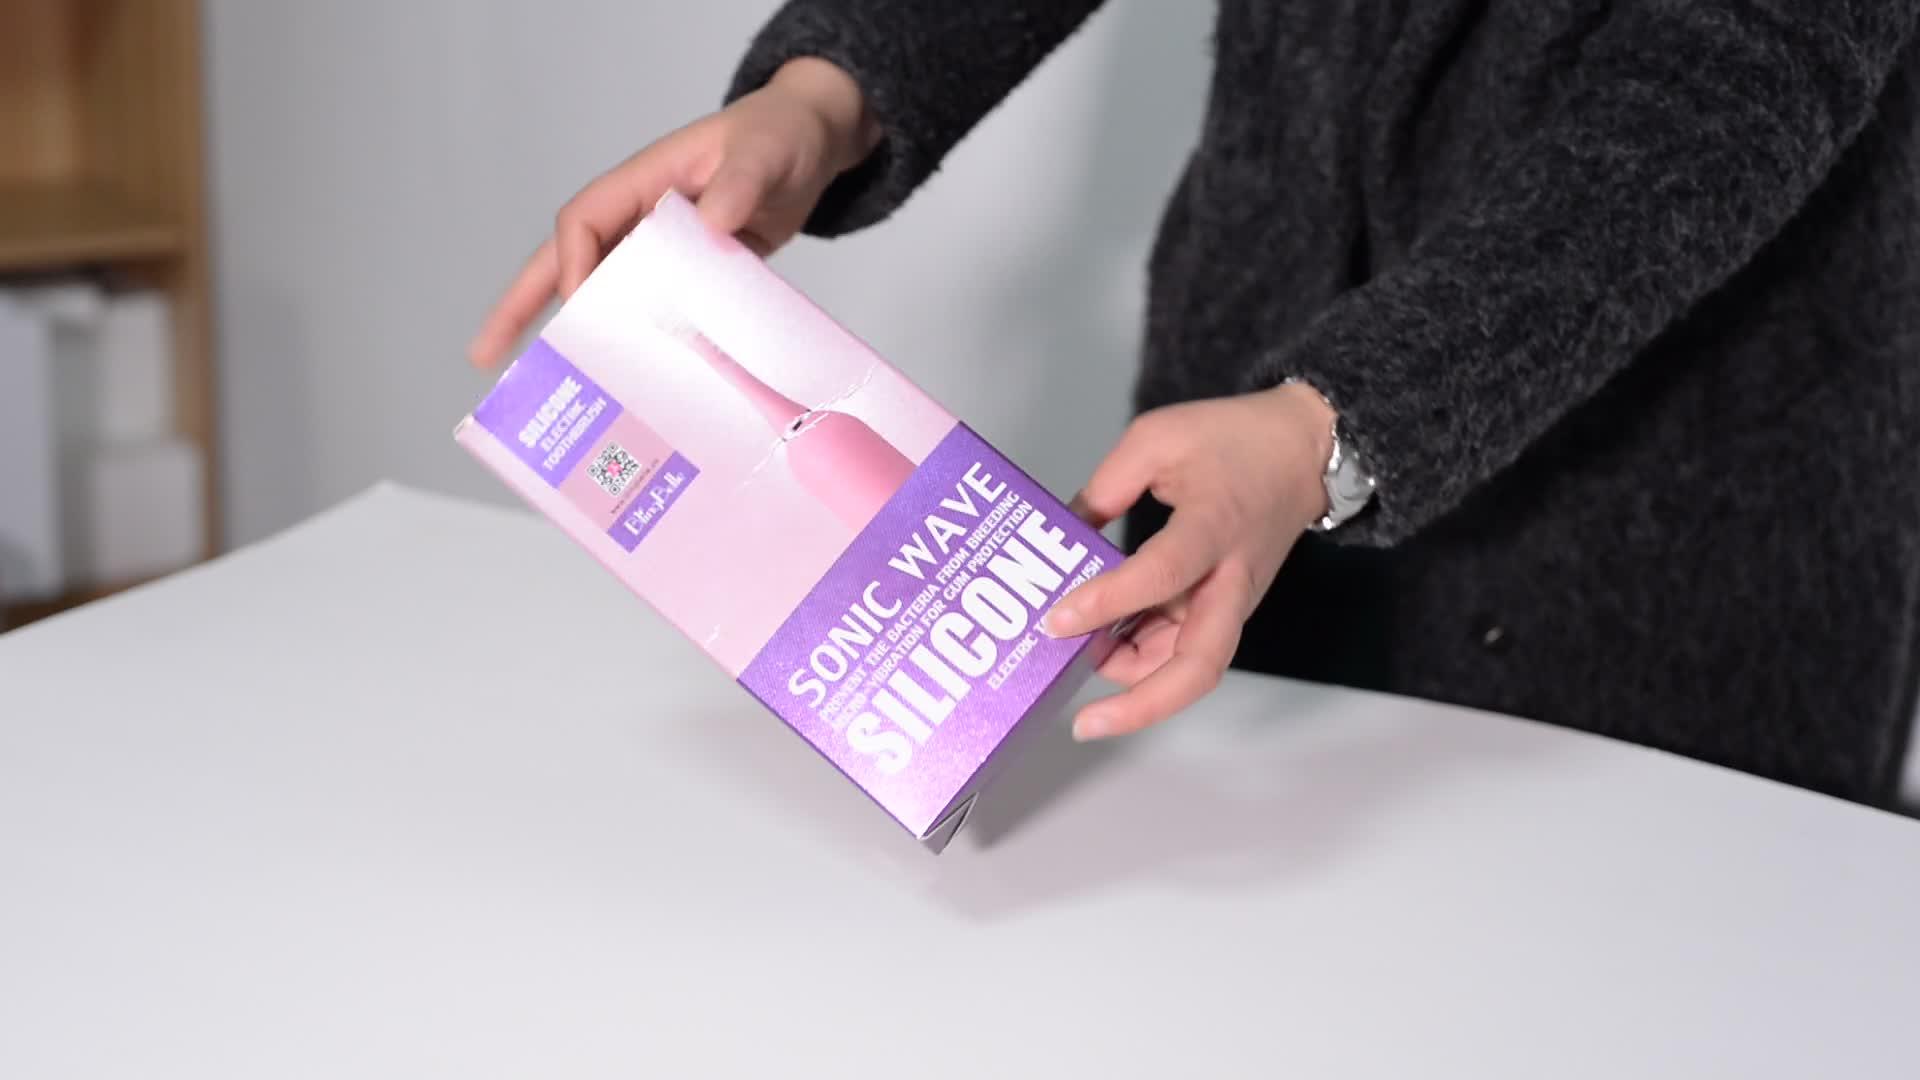 Все коробки могут быть настроены: секс презерватив упаковка картонная коробка с печатью логотипа